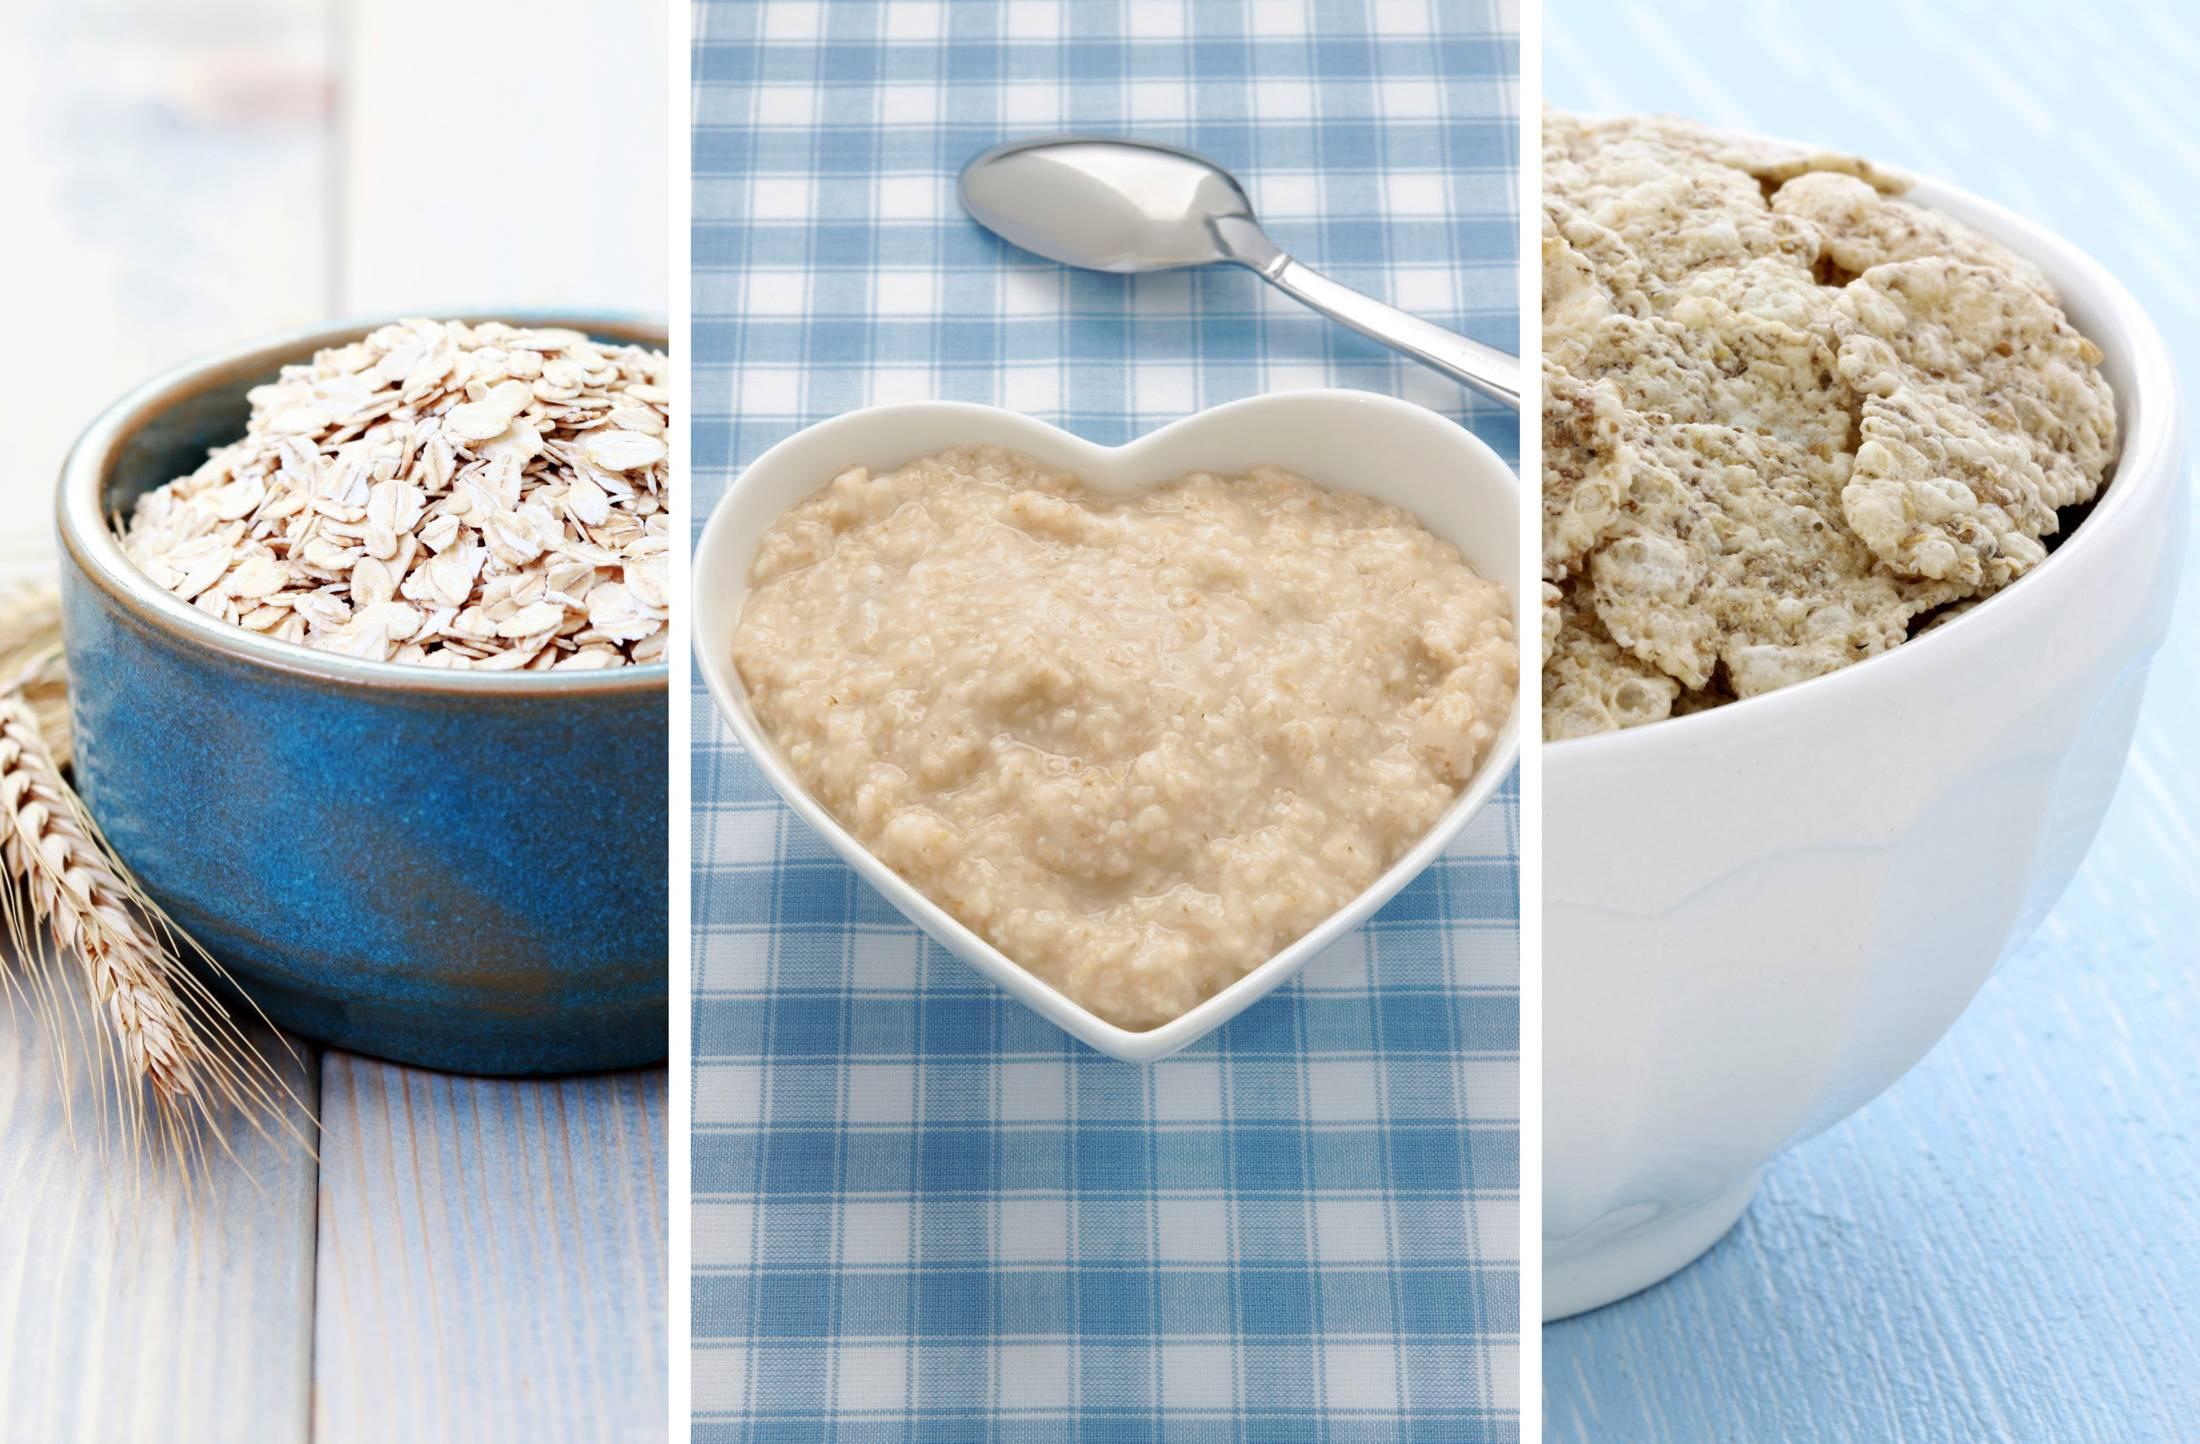 О пользе и вреде употребления овсянки на завтрак